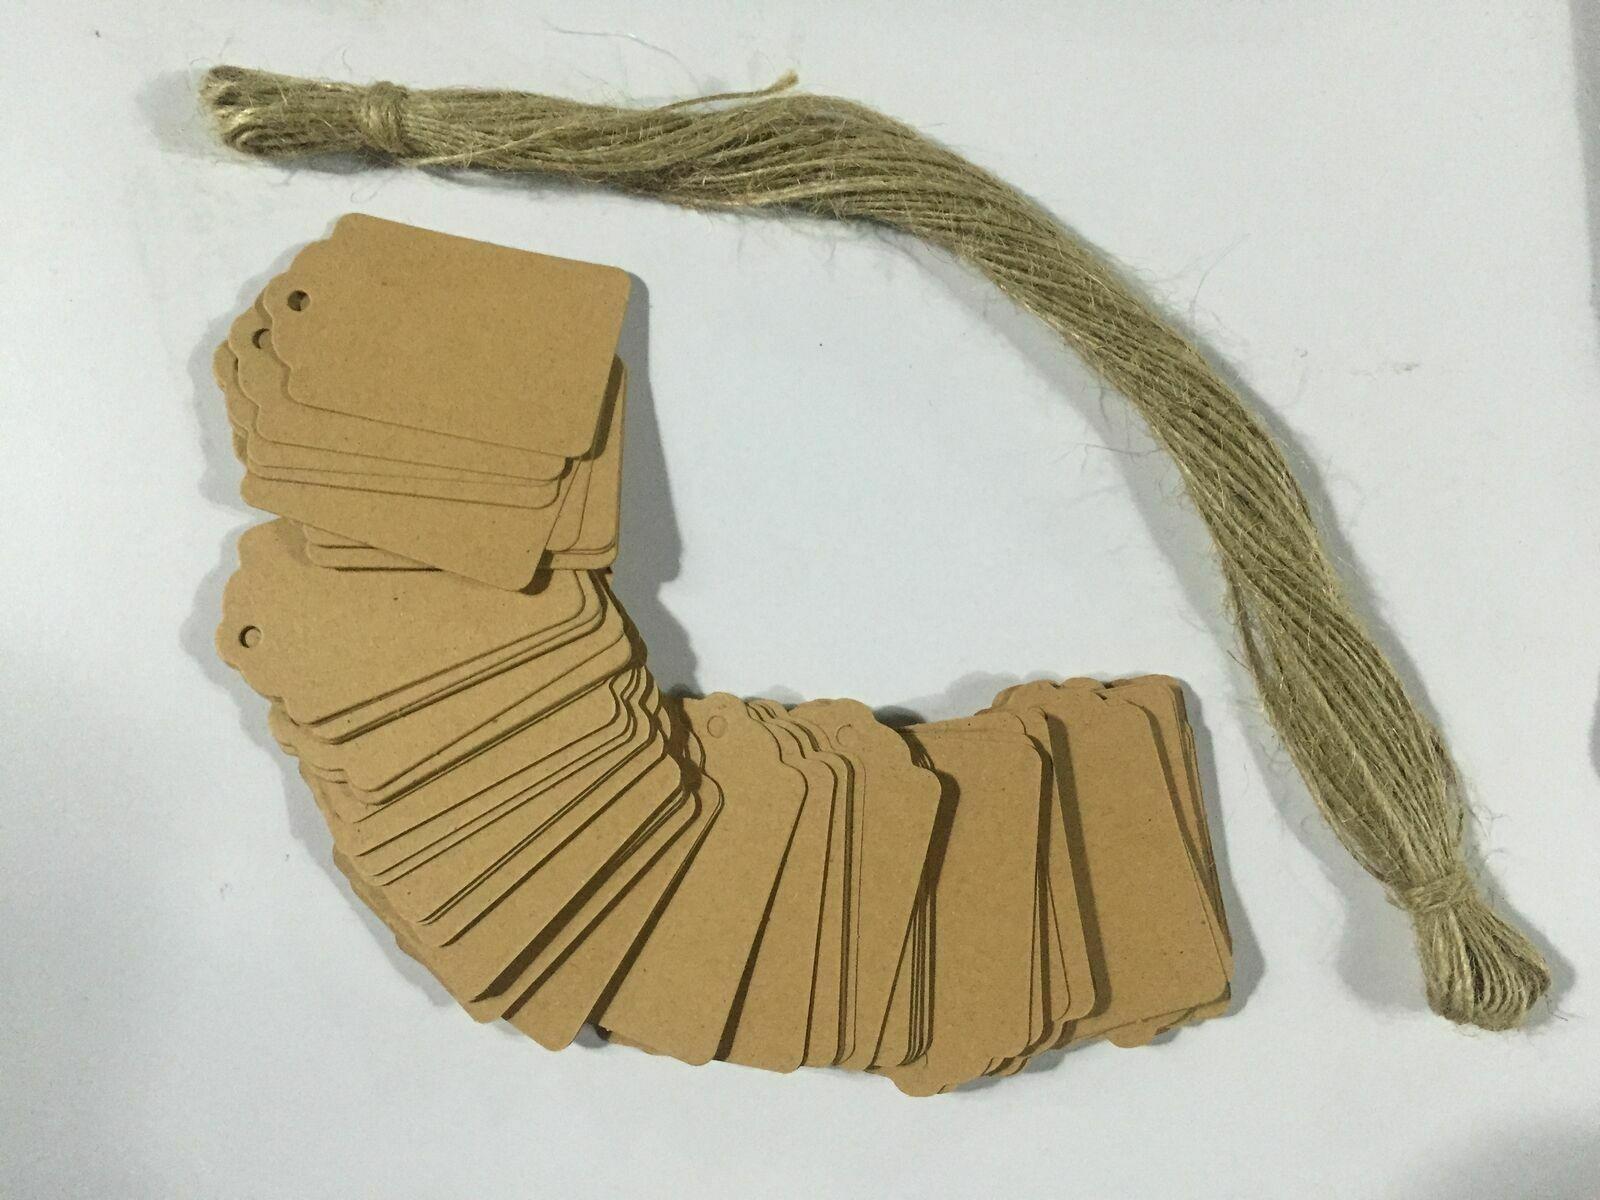 90x Packpapier Zettel Schild Tag Dekoschild Kleidung Etiketten DIY Handarbeit